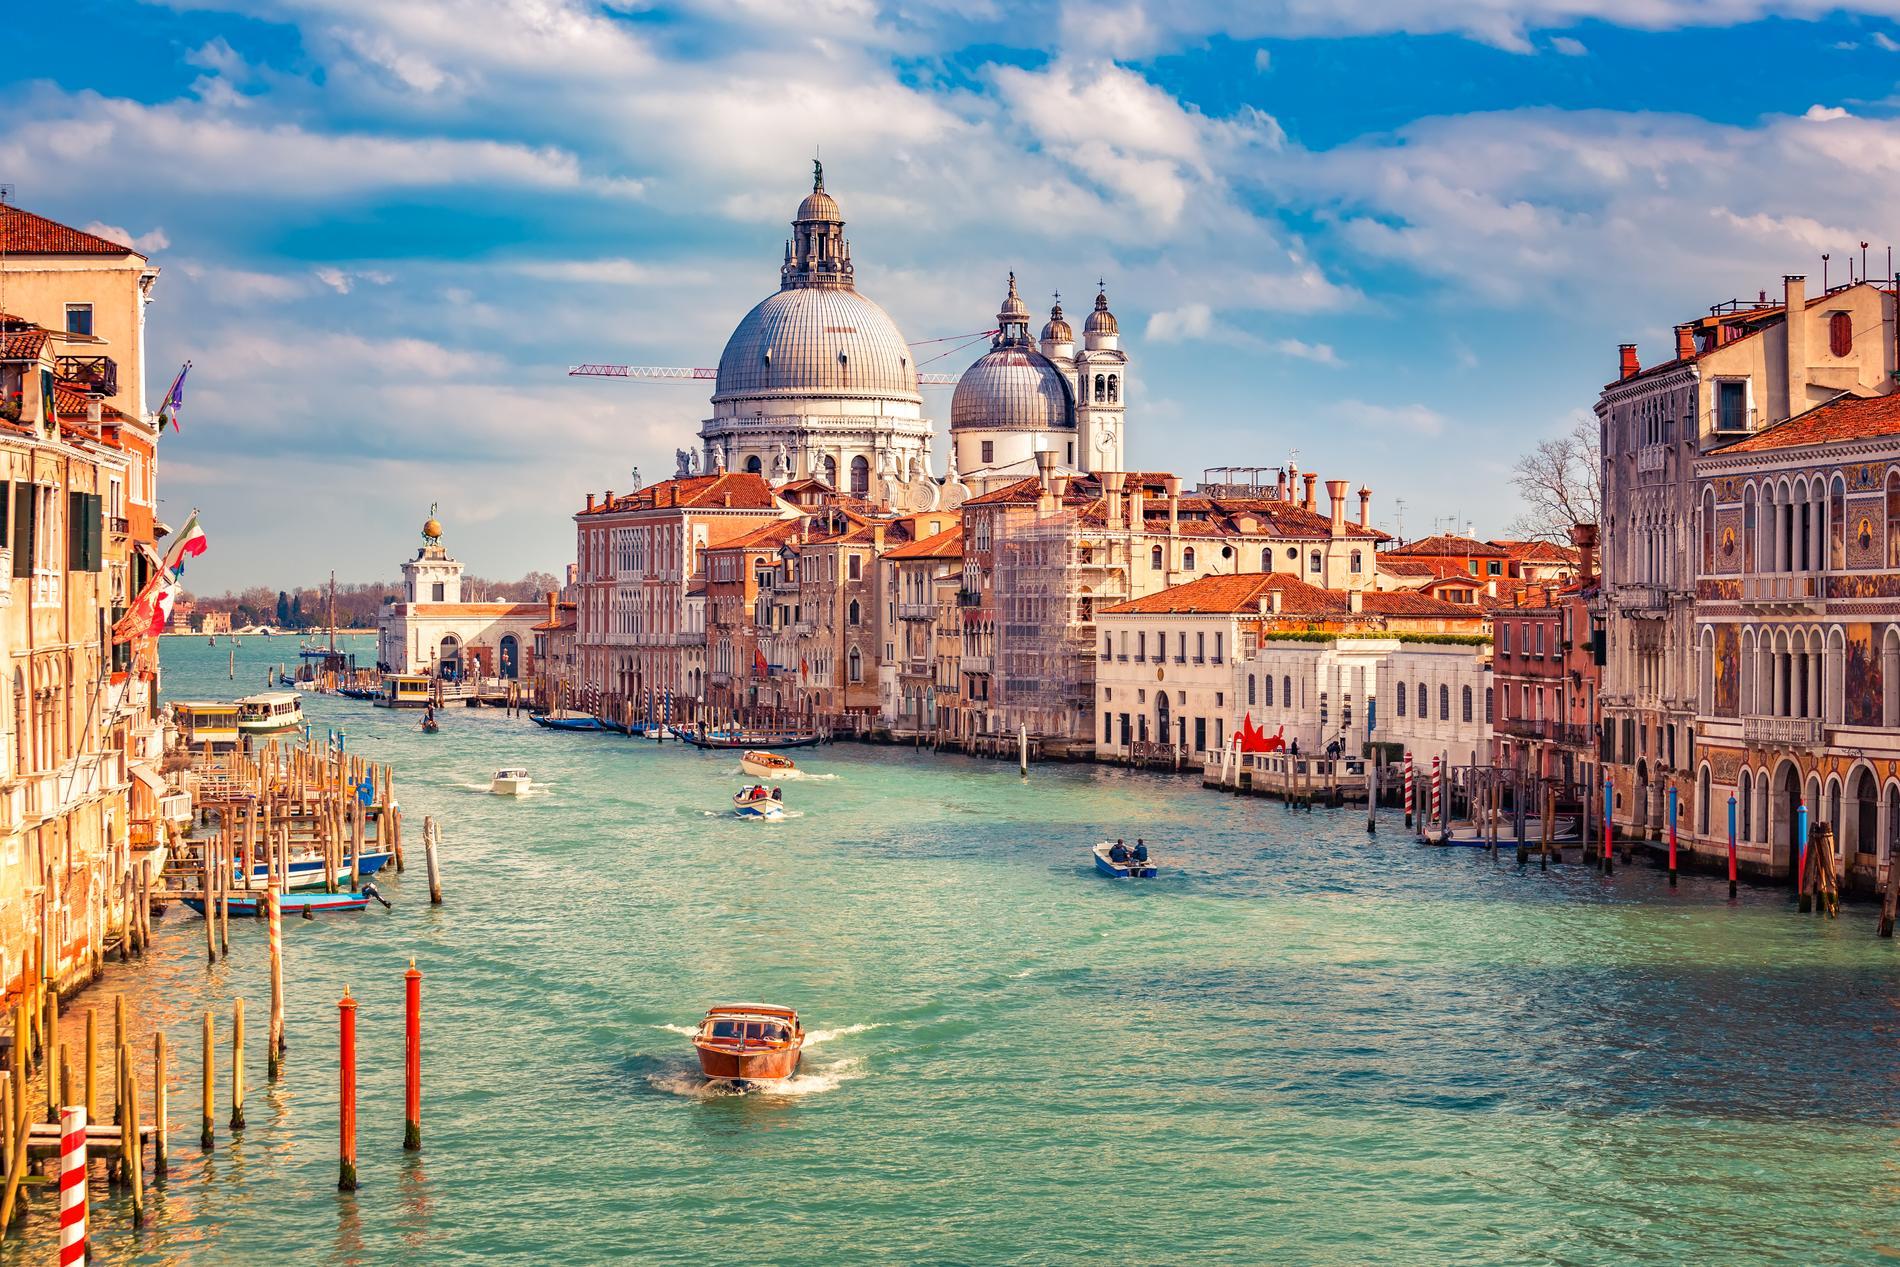 Vem har inte dröms om att åka gondol i Venedig?